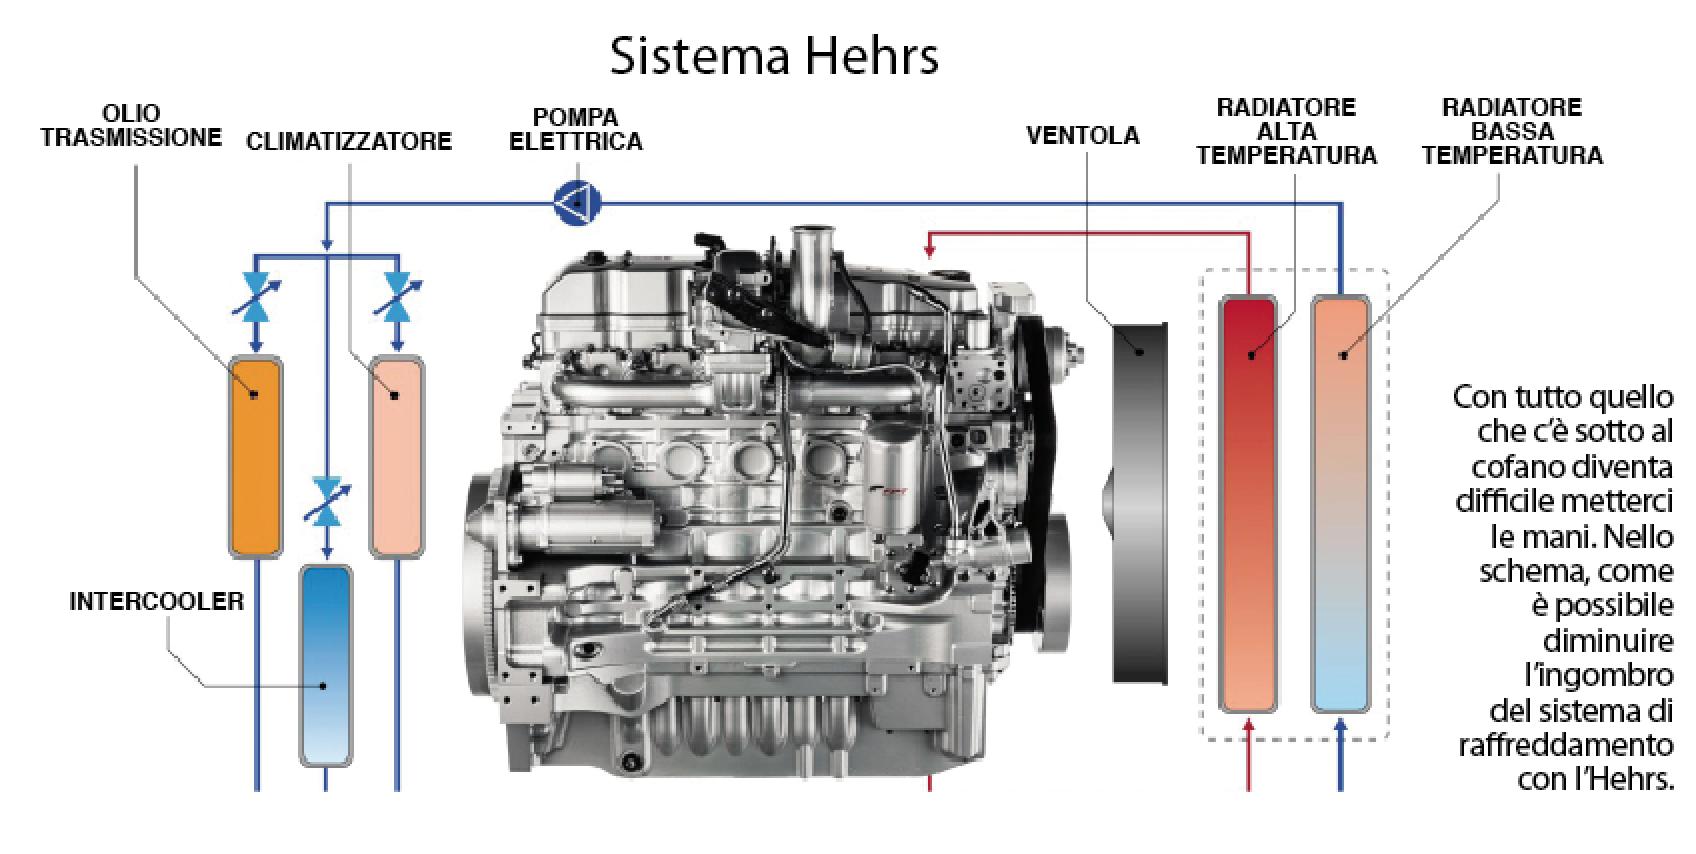 Schema Elettrico Ventola Radiatore : Fpt cosa cambia col sistema di raffreddamento ad alta